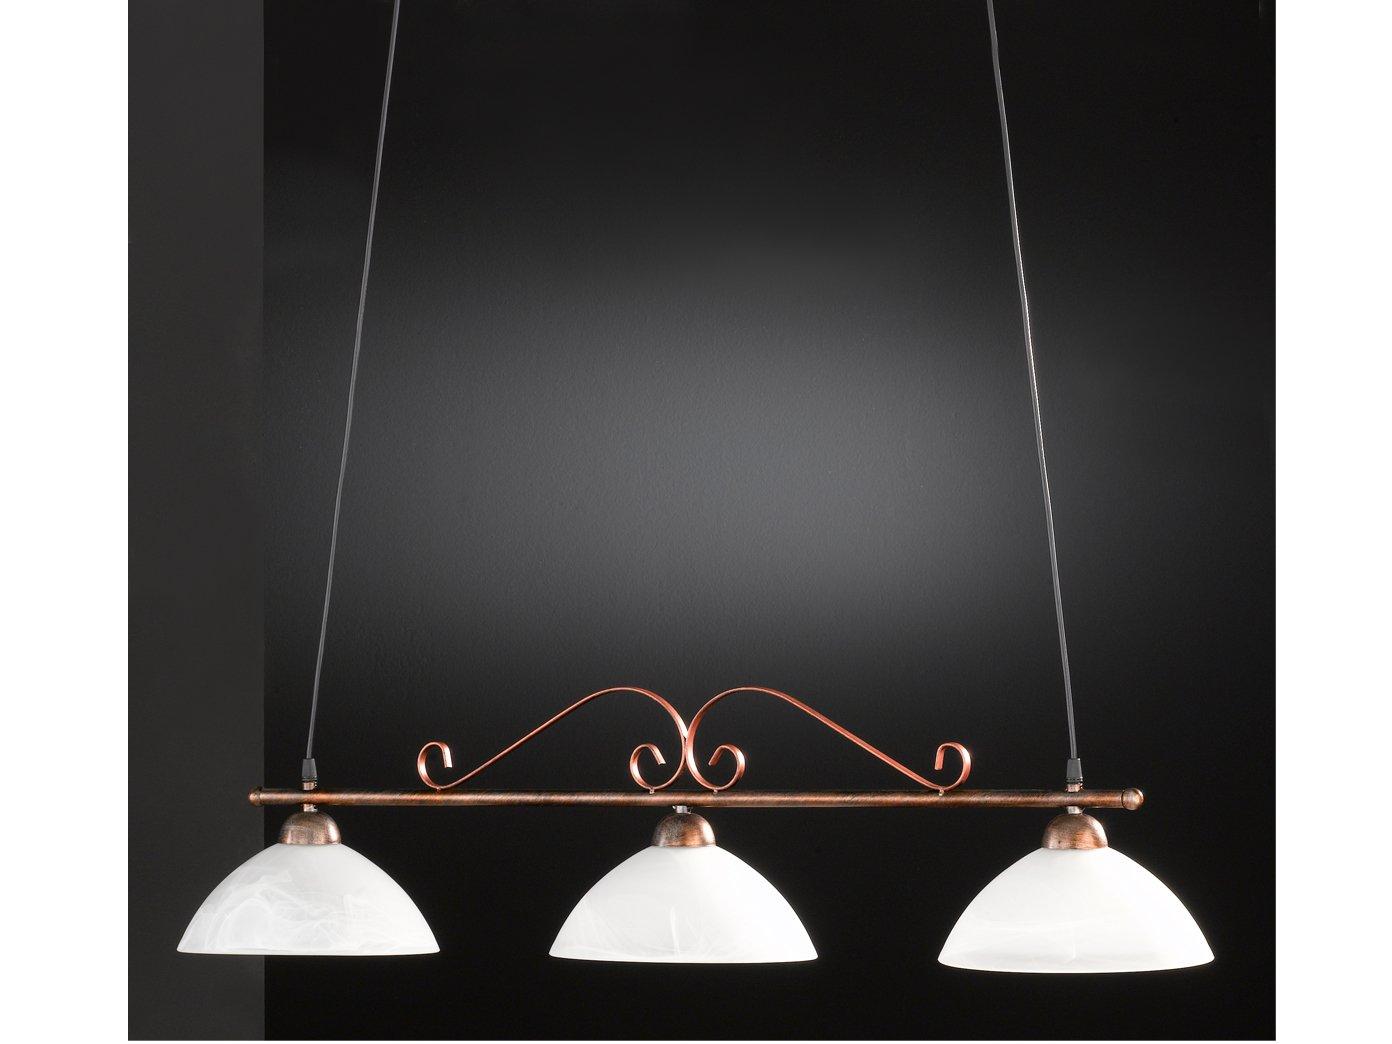 leuchten kaufen trendy von vielen hier kaufen with leuchten kaufen perfect leuchten kaufen. Black Bedroom Furniture Sets. Home Design Ideas